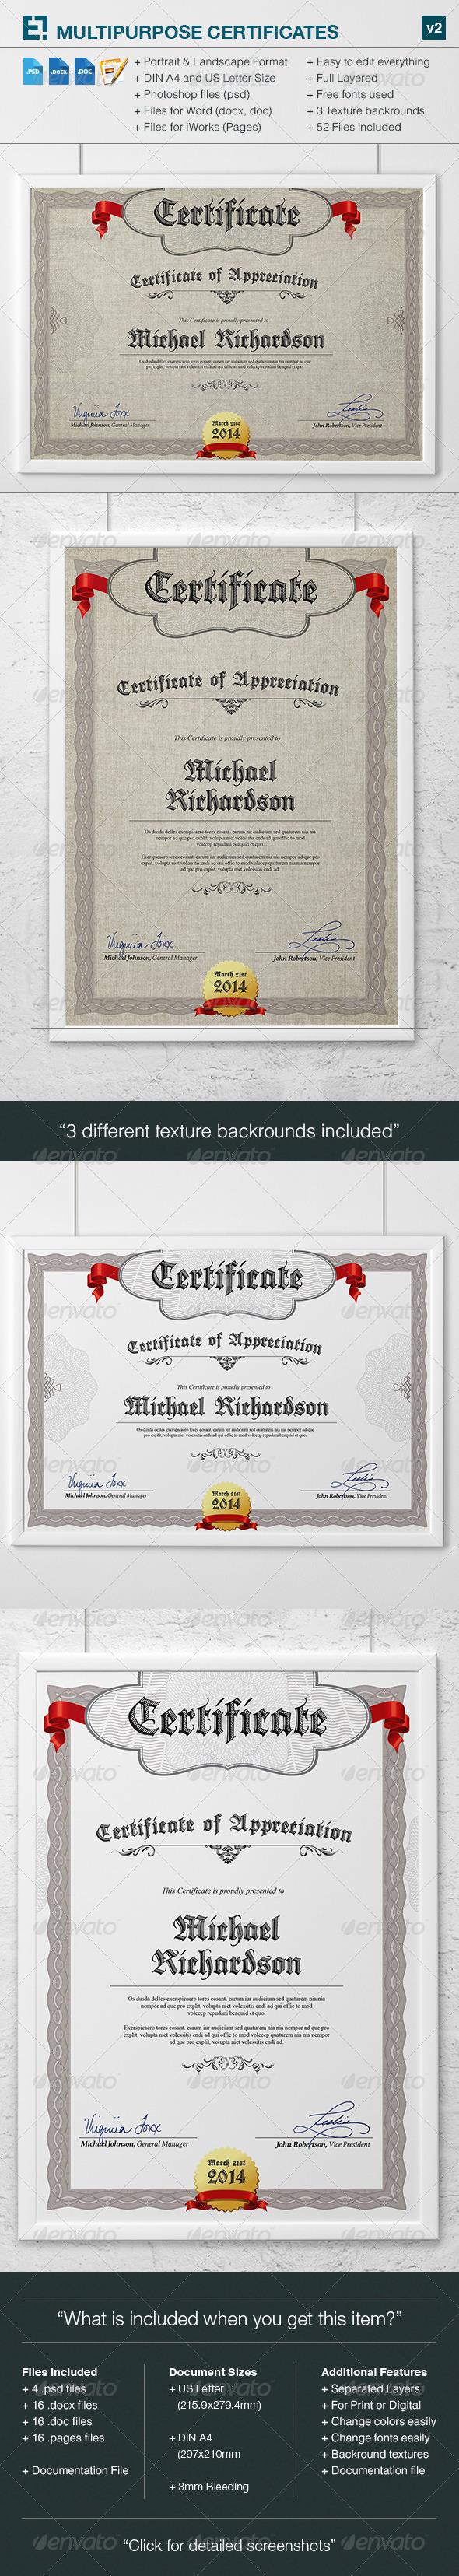 GraphicRiver Multipurpose Certificates v2 7204951